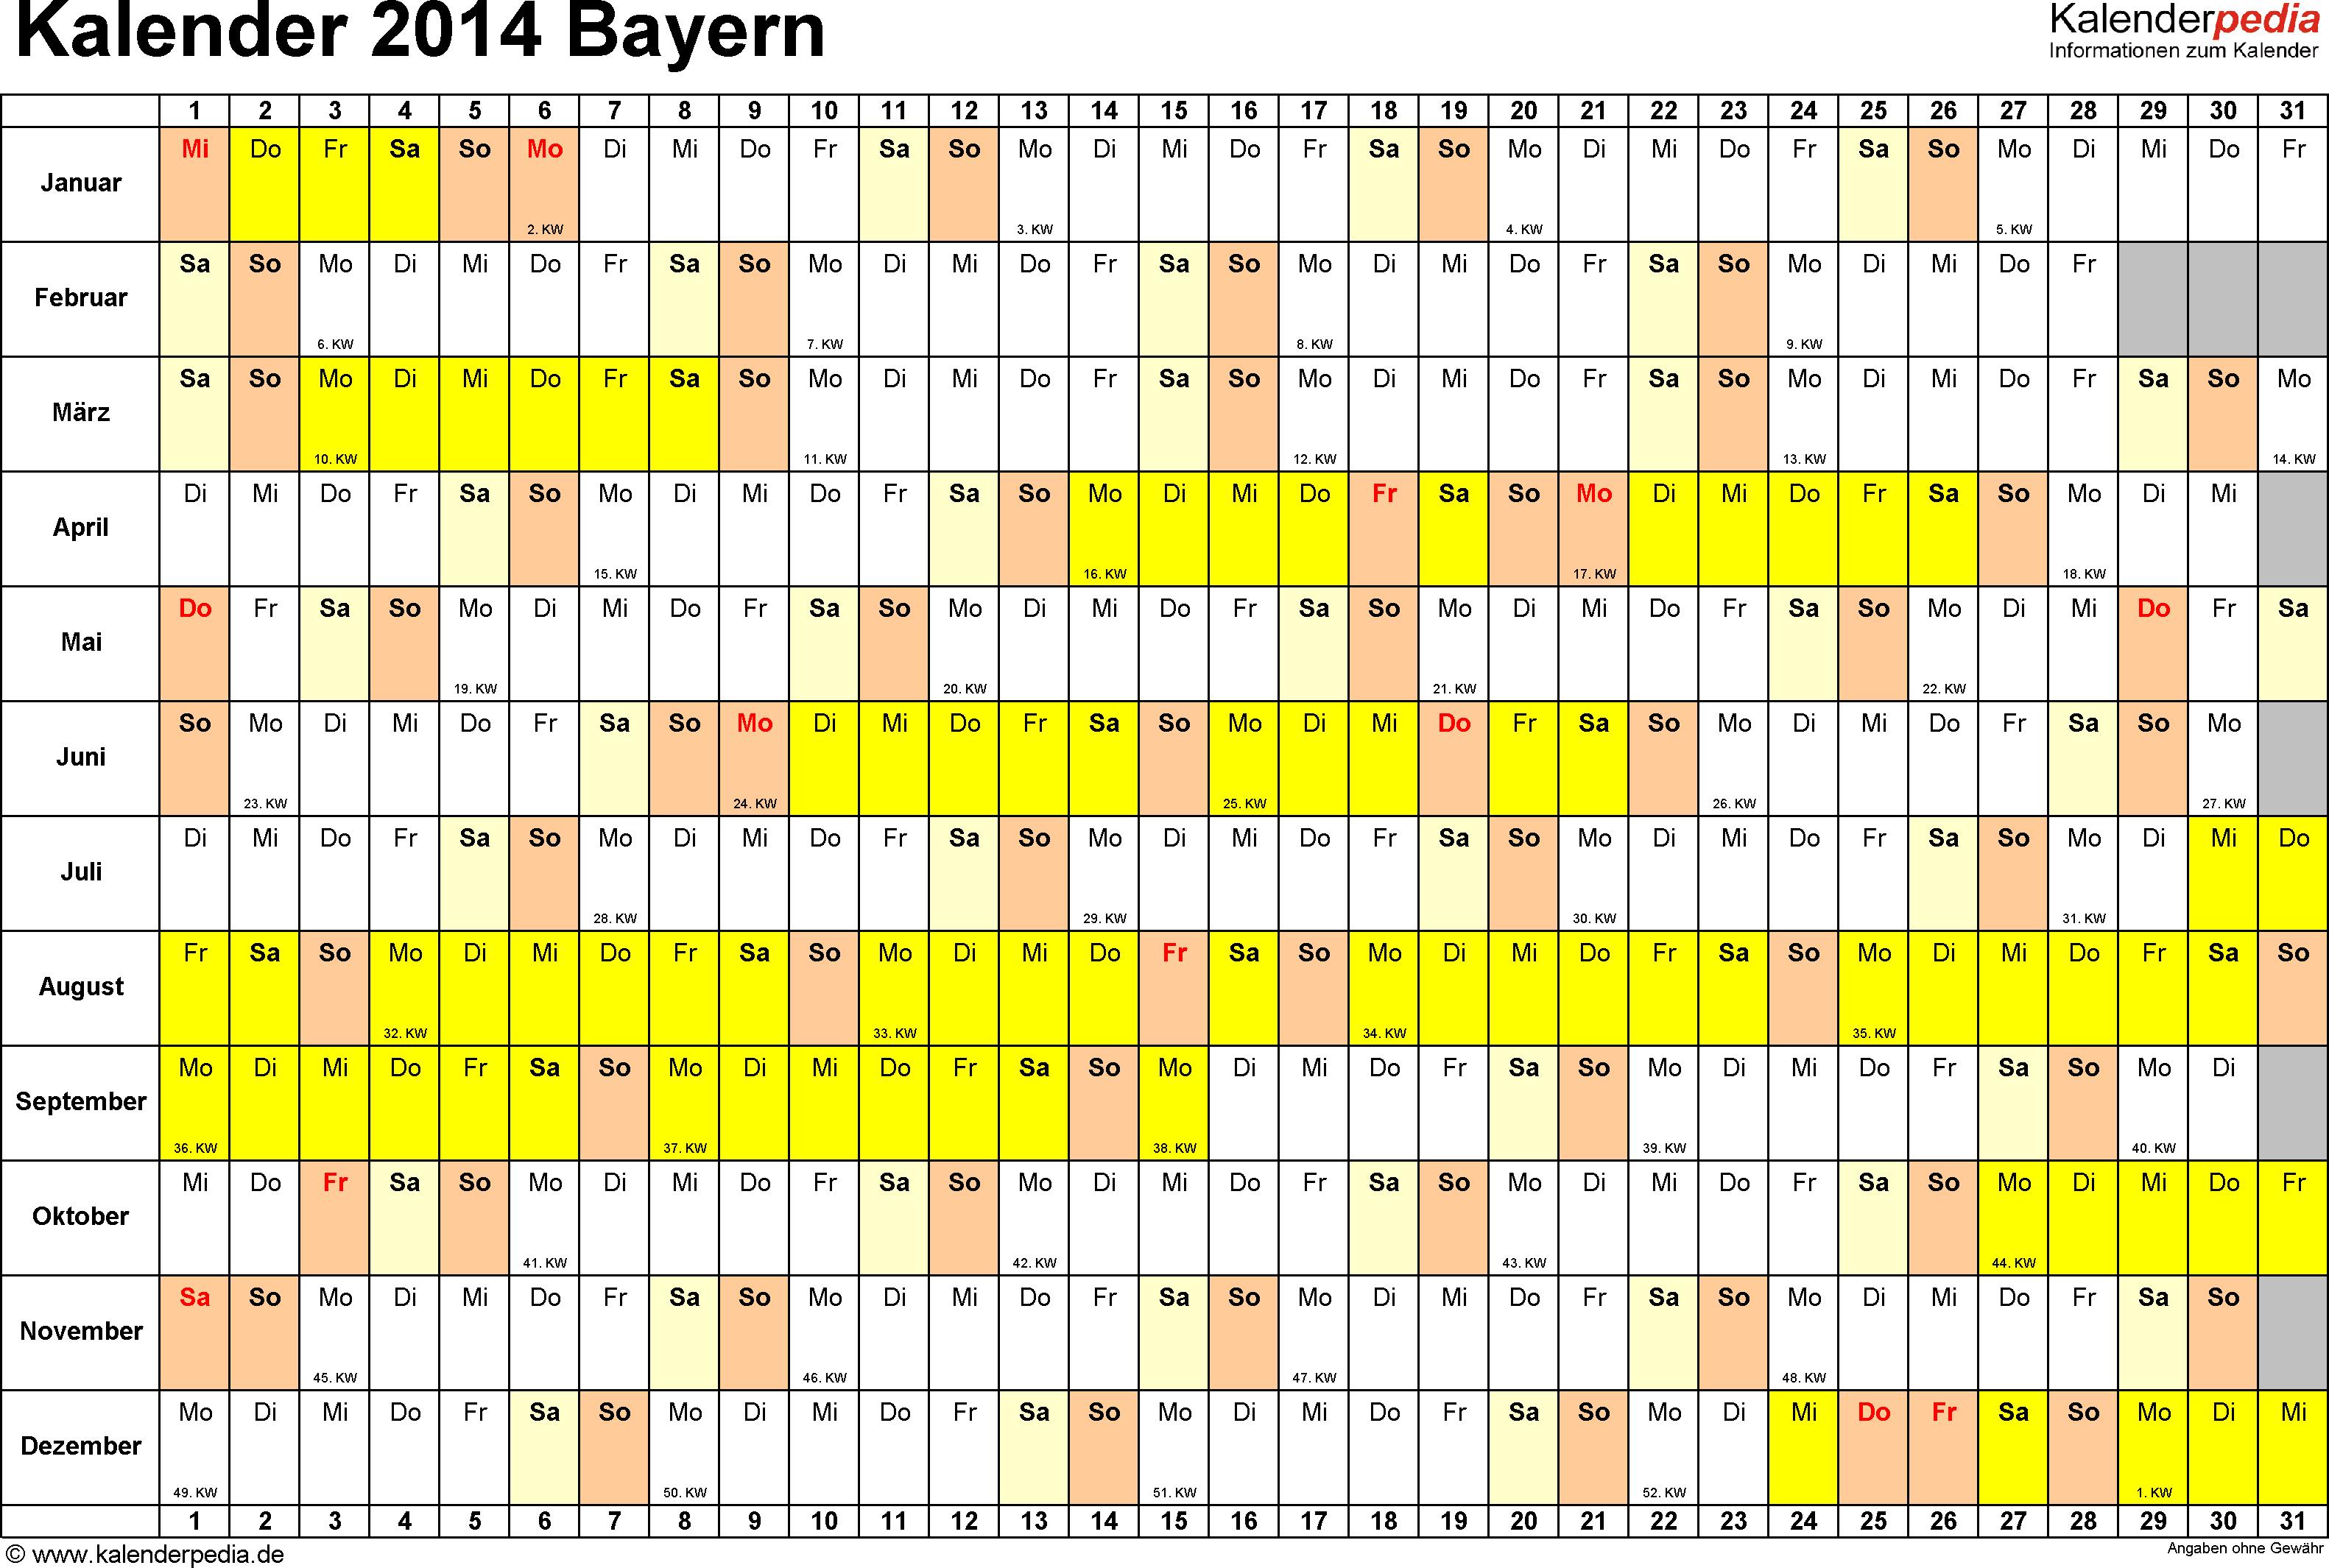 Vorlage 2: Kalender Bayern 2014 im Querformat, Tage nebeneinander